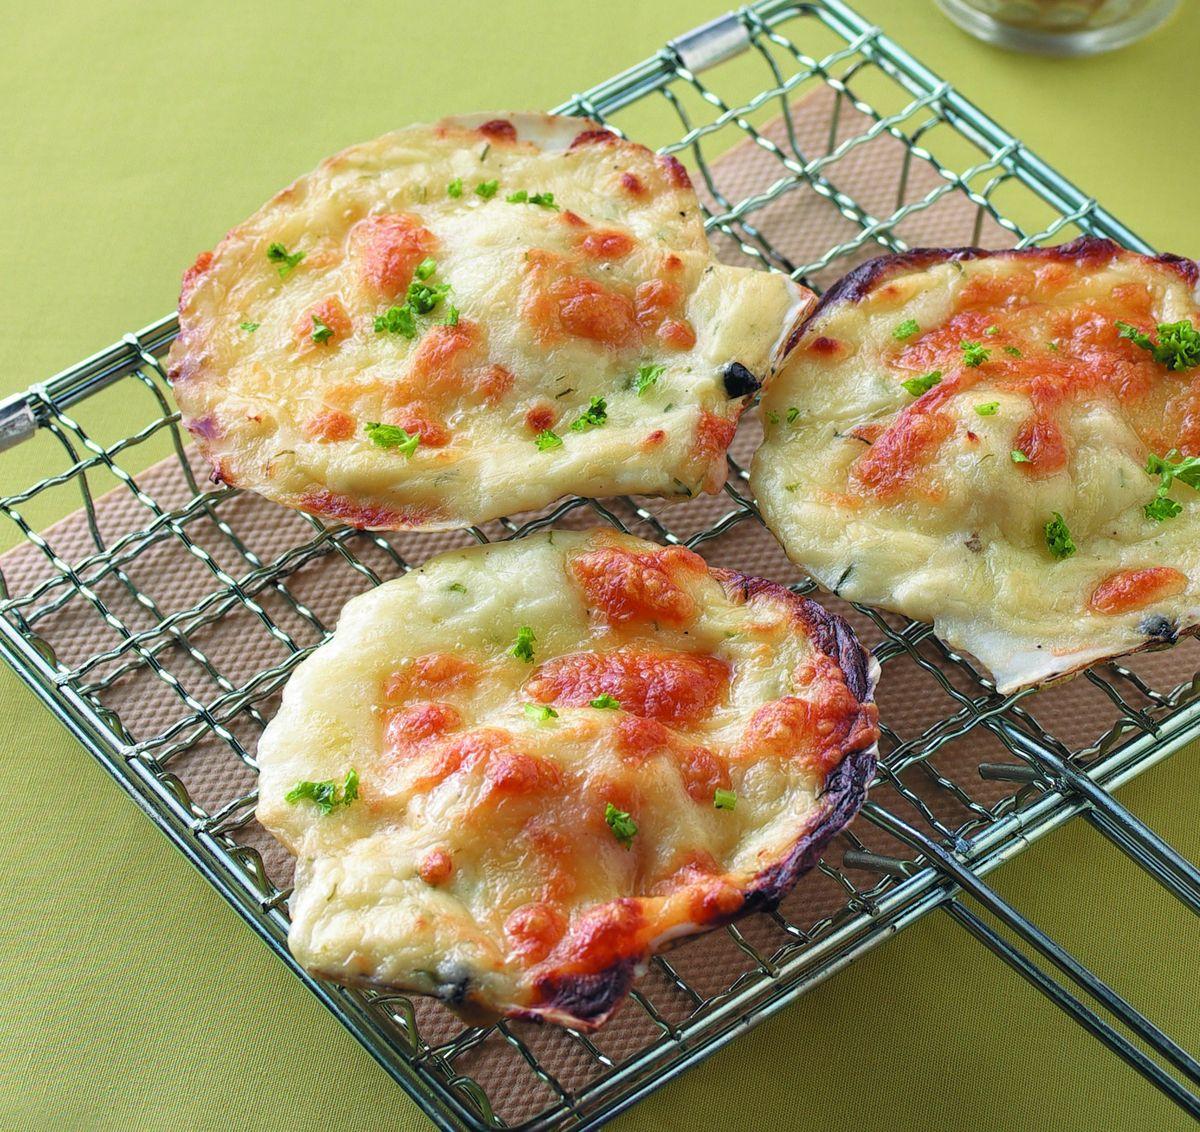 食譜:蒜味奶油焗烤扇貝